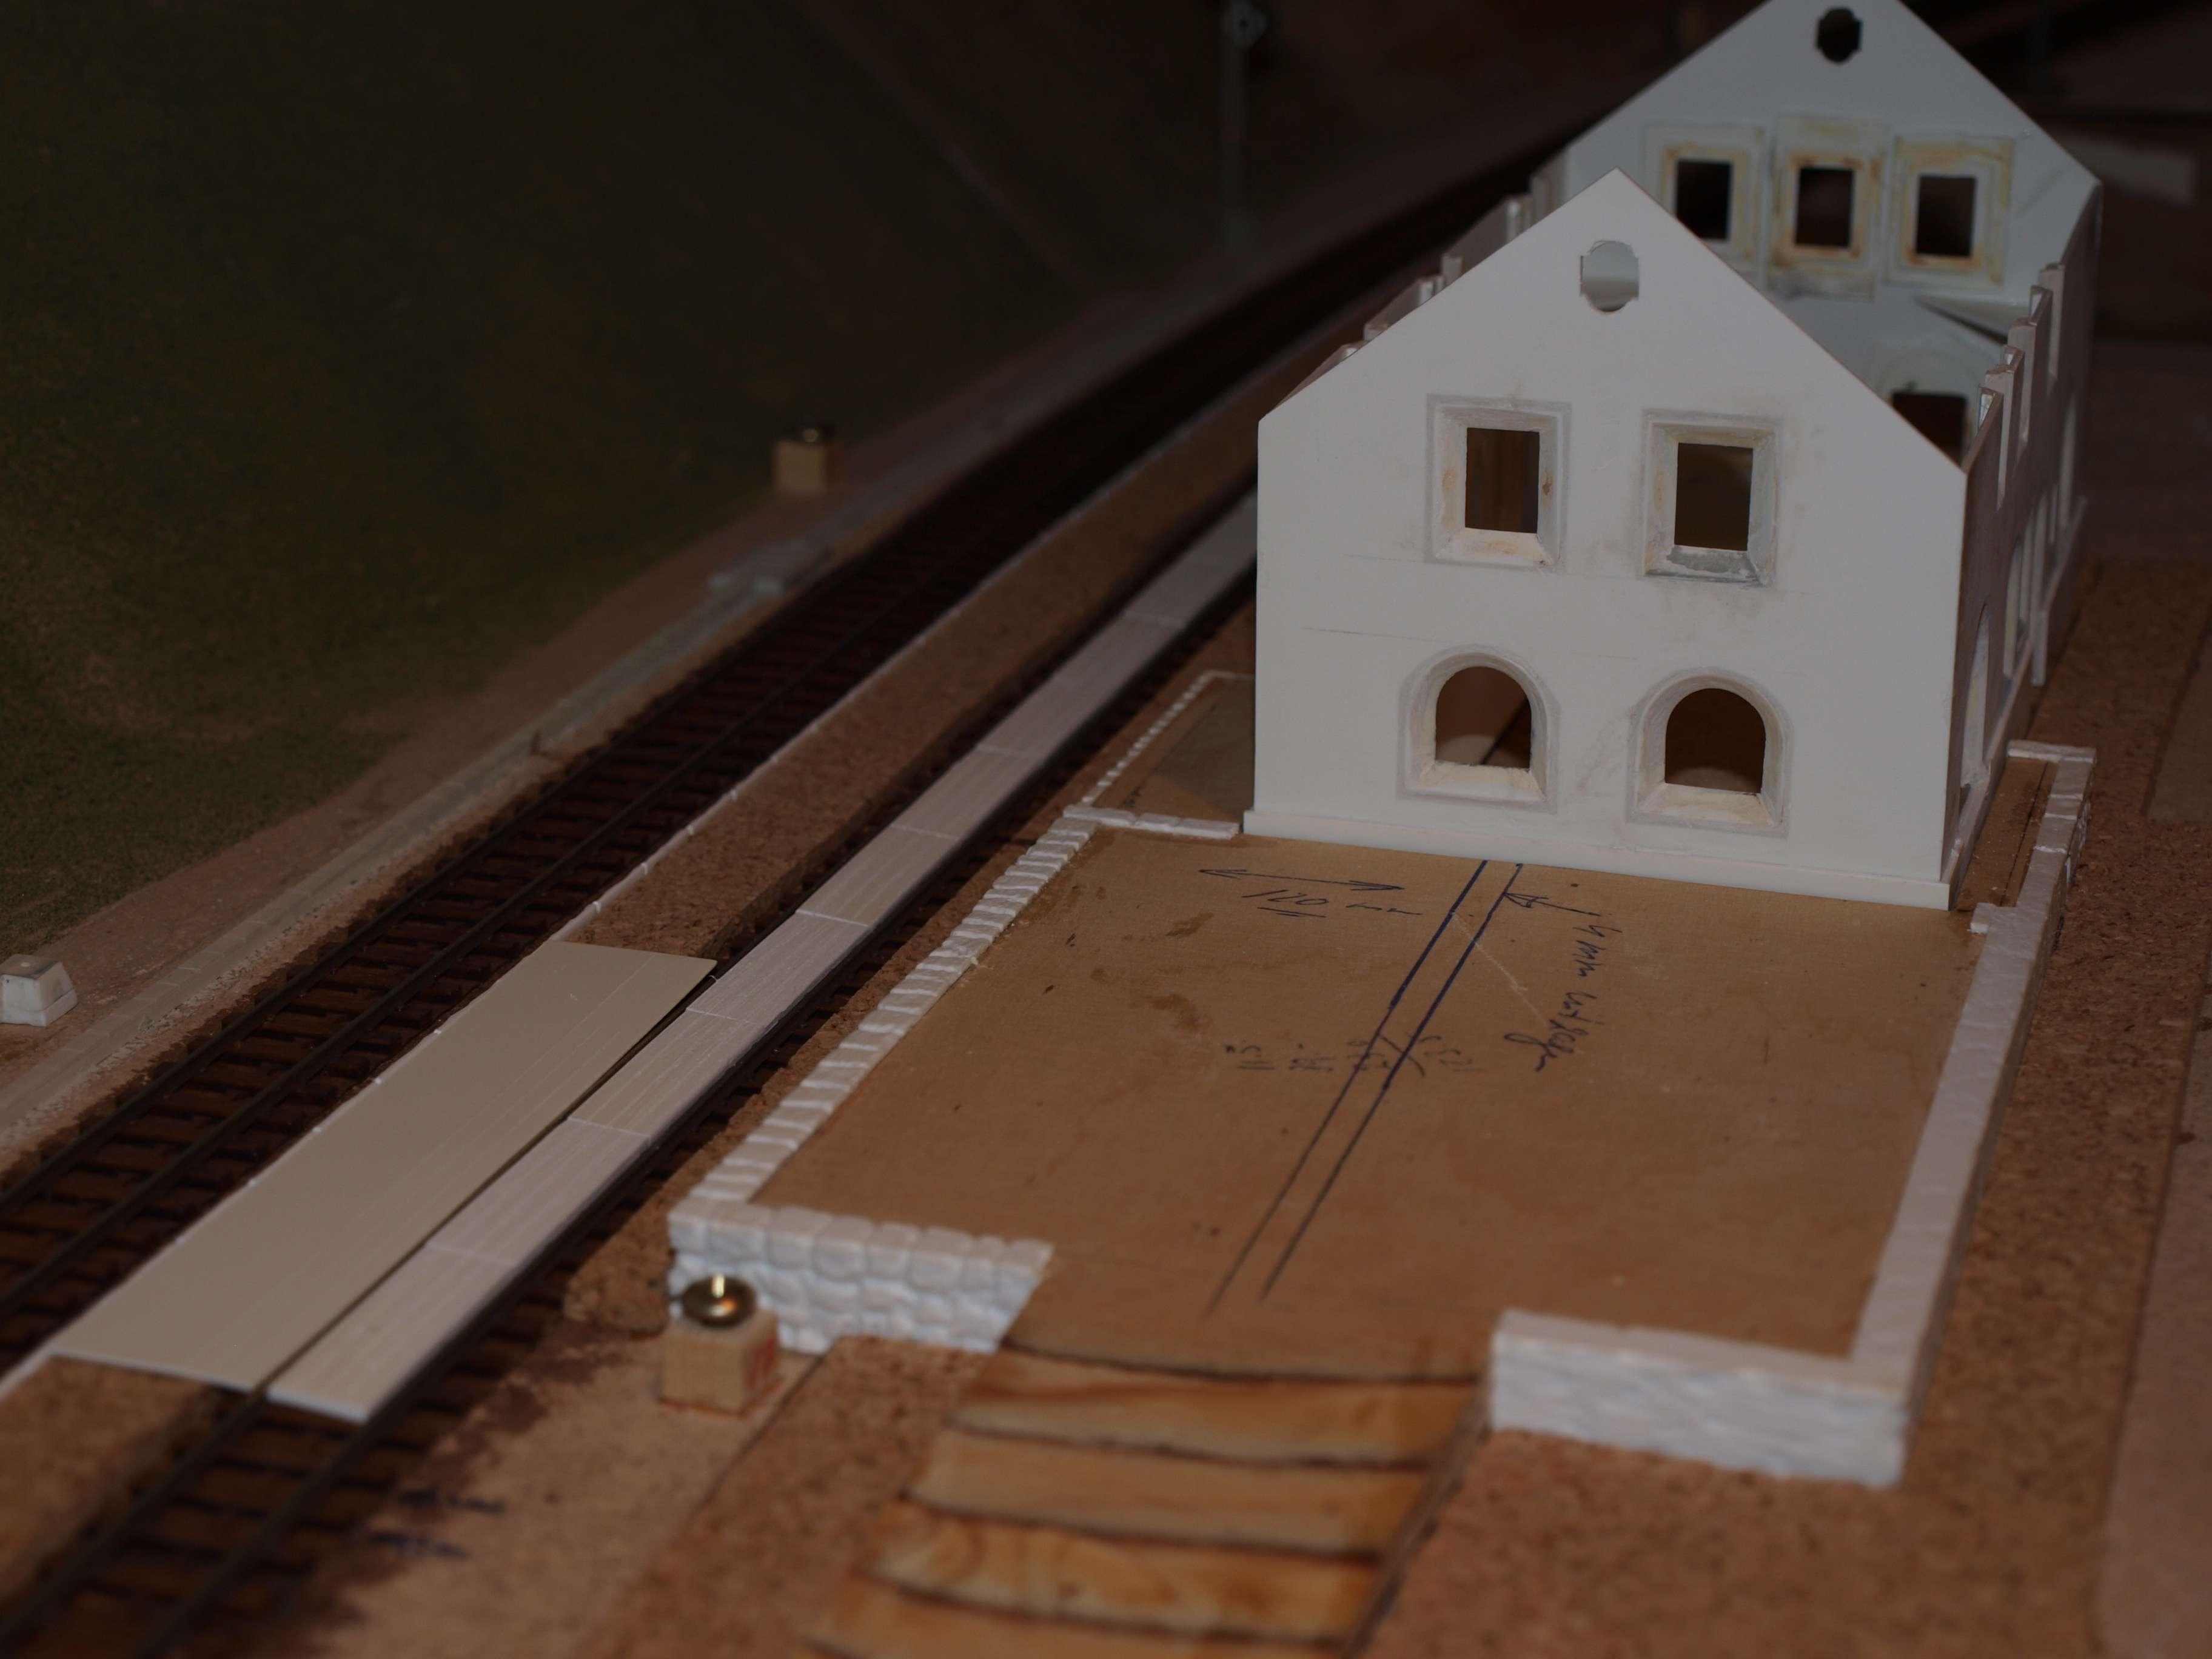 modellbahn gebäude selbstbau